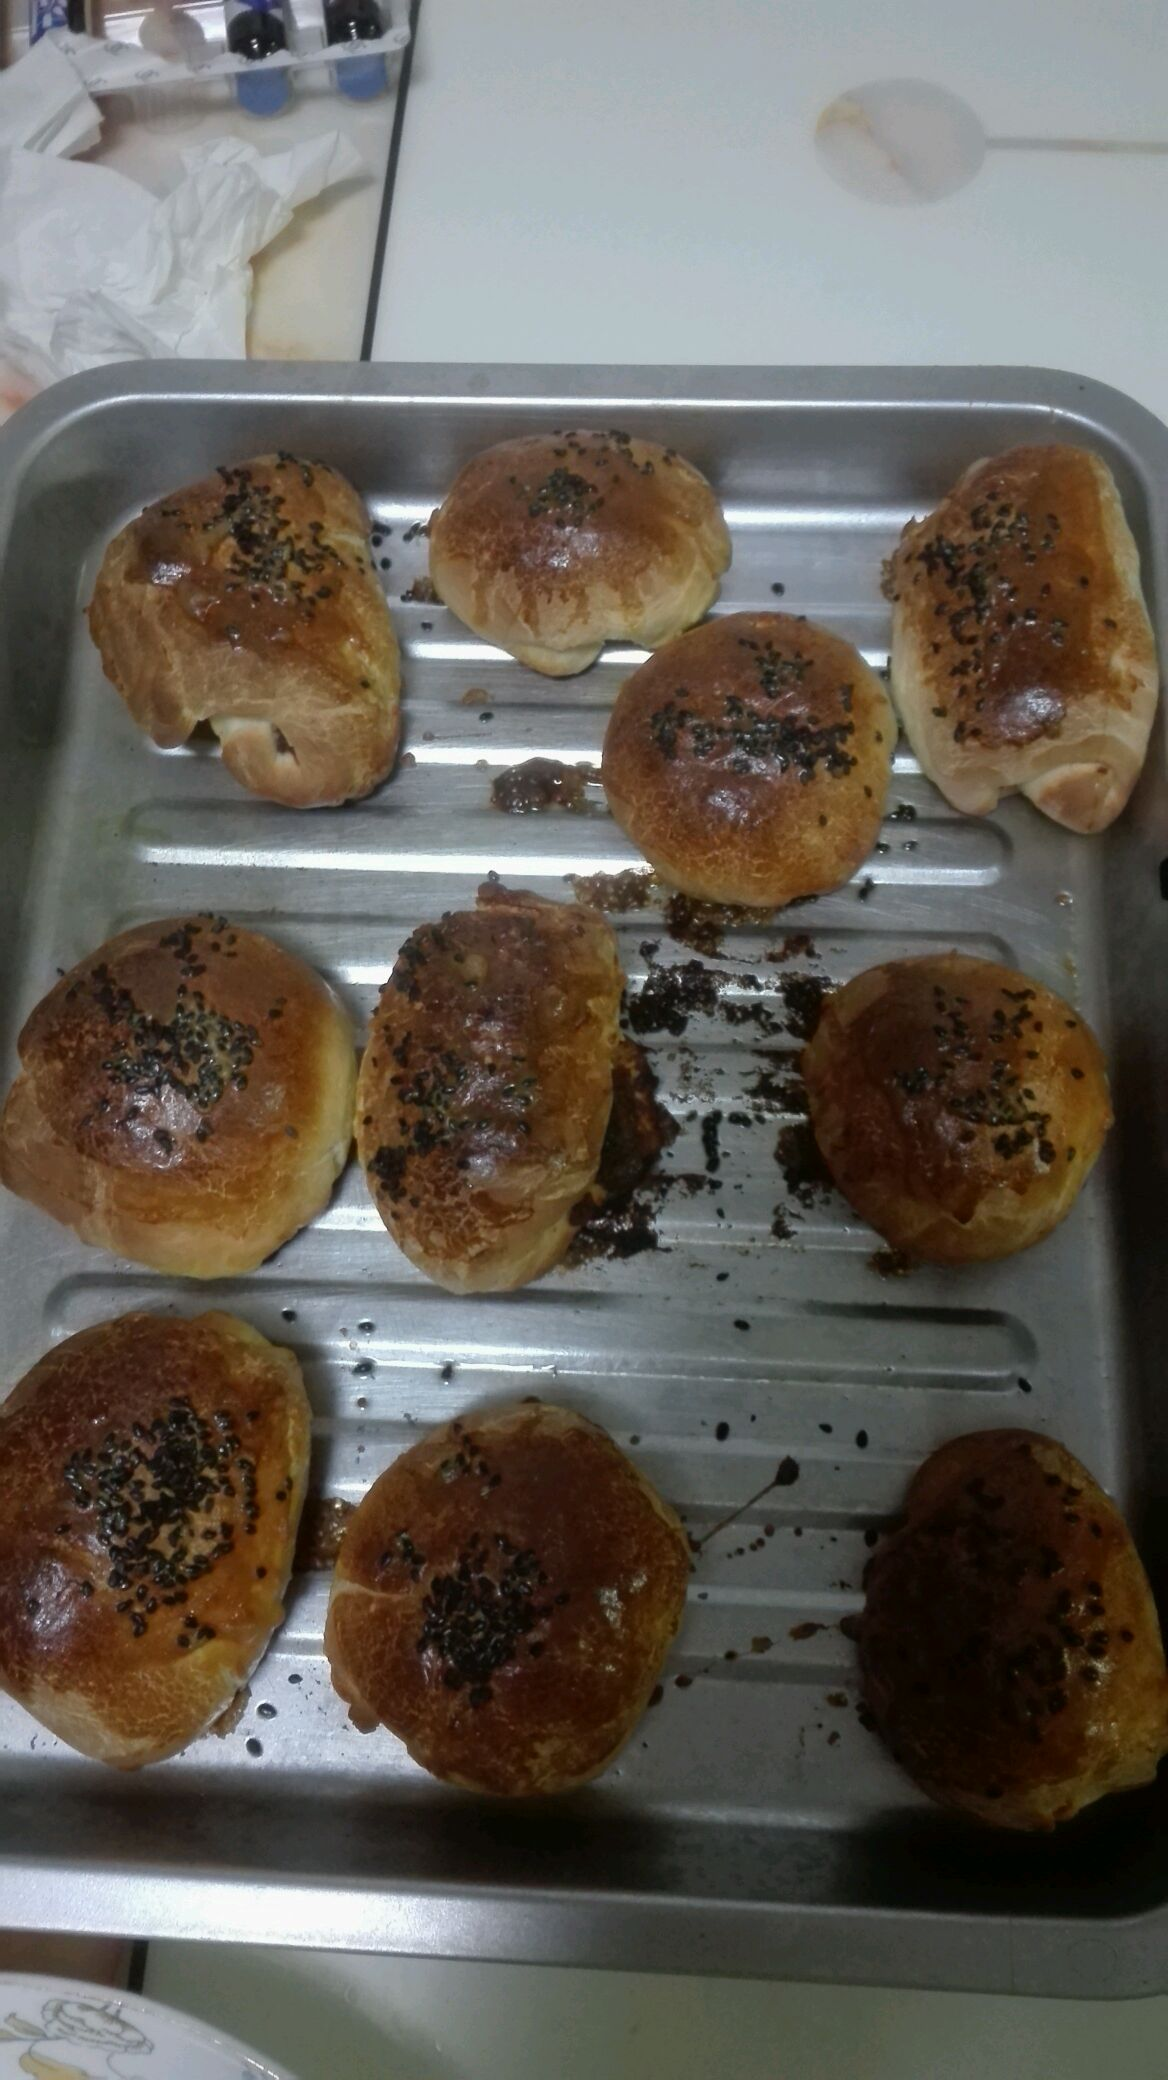 烤箱烤面包的做法_【图解】烤箱烤面包怎么做如何做